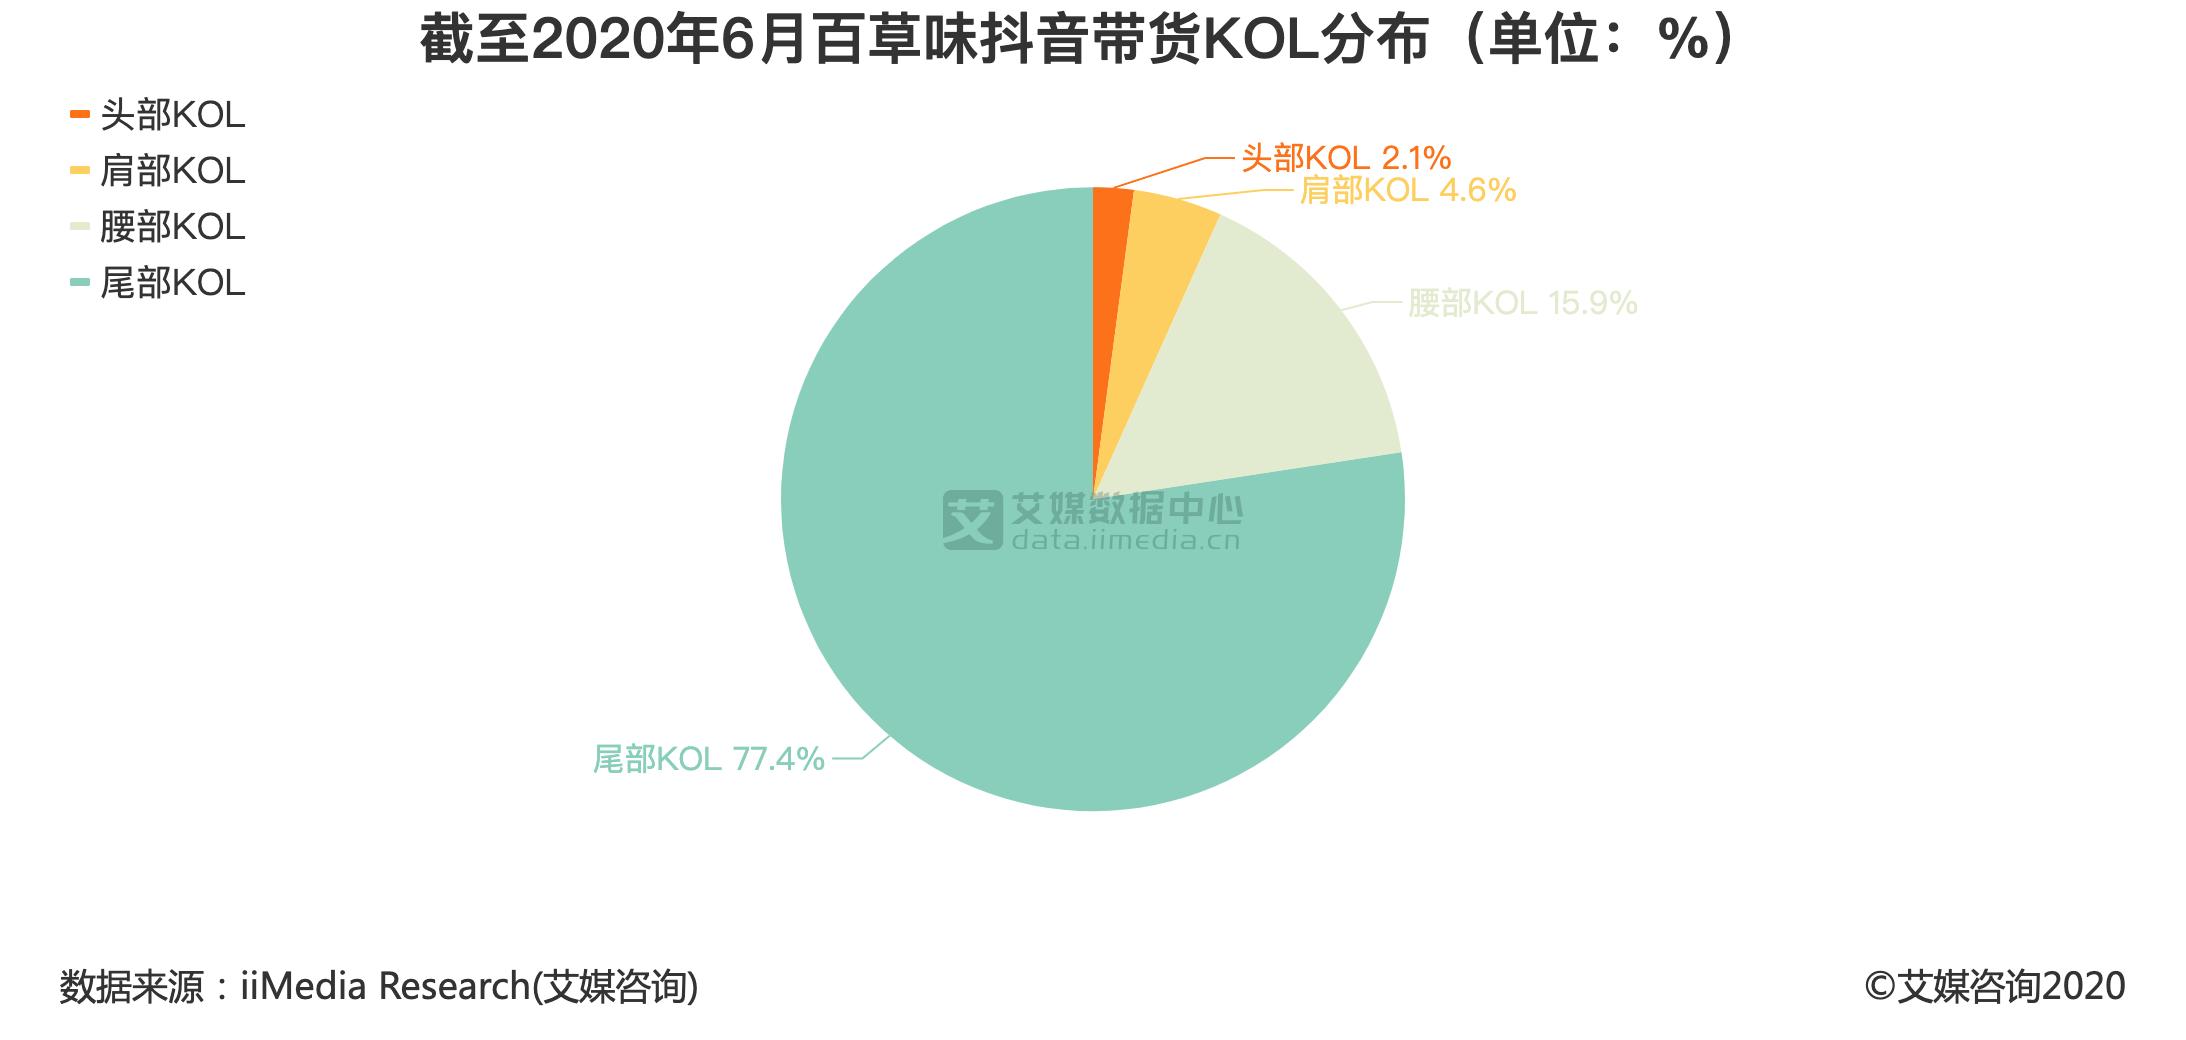 截至2020年6月百草味抖音带货KOL分布(单位:%)